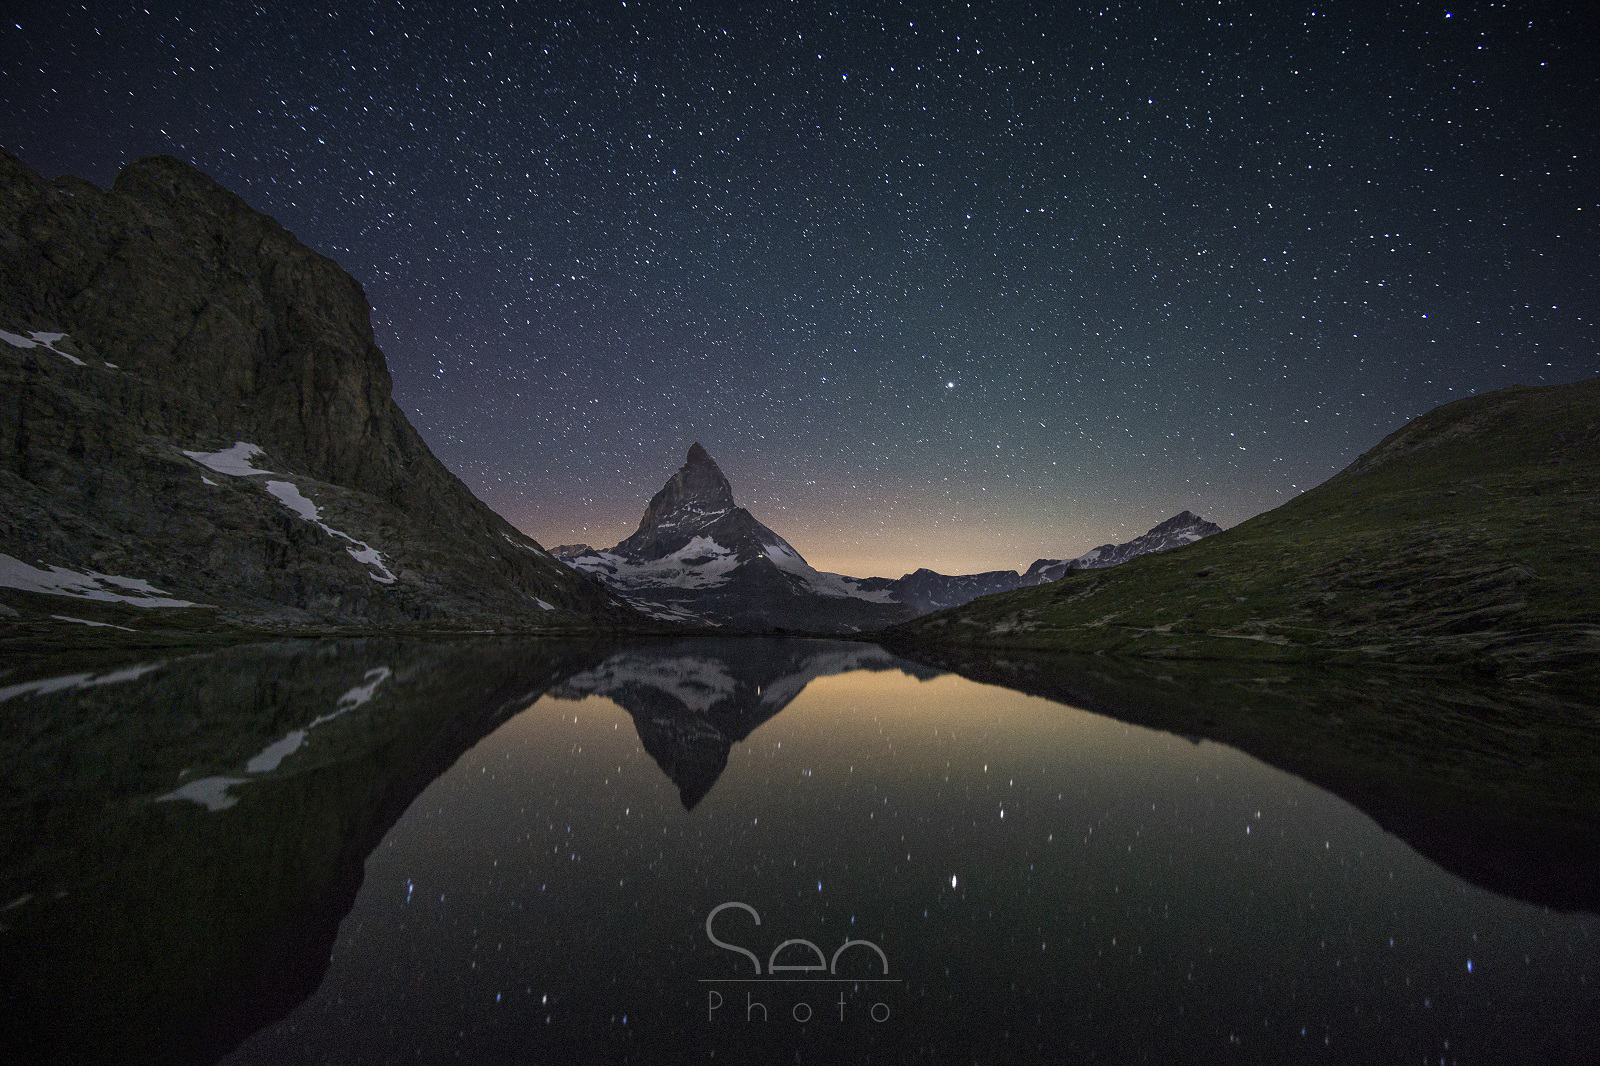 The starry sky above the Matterhorn...